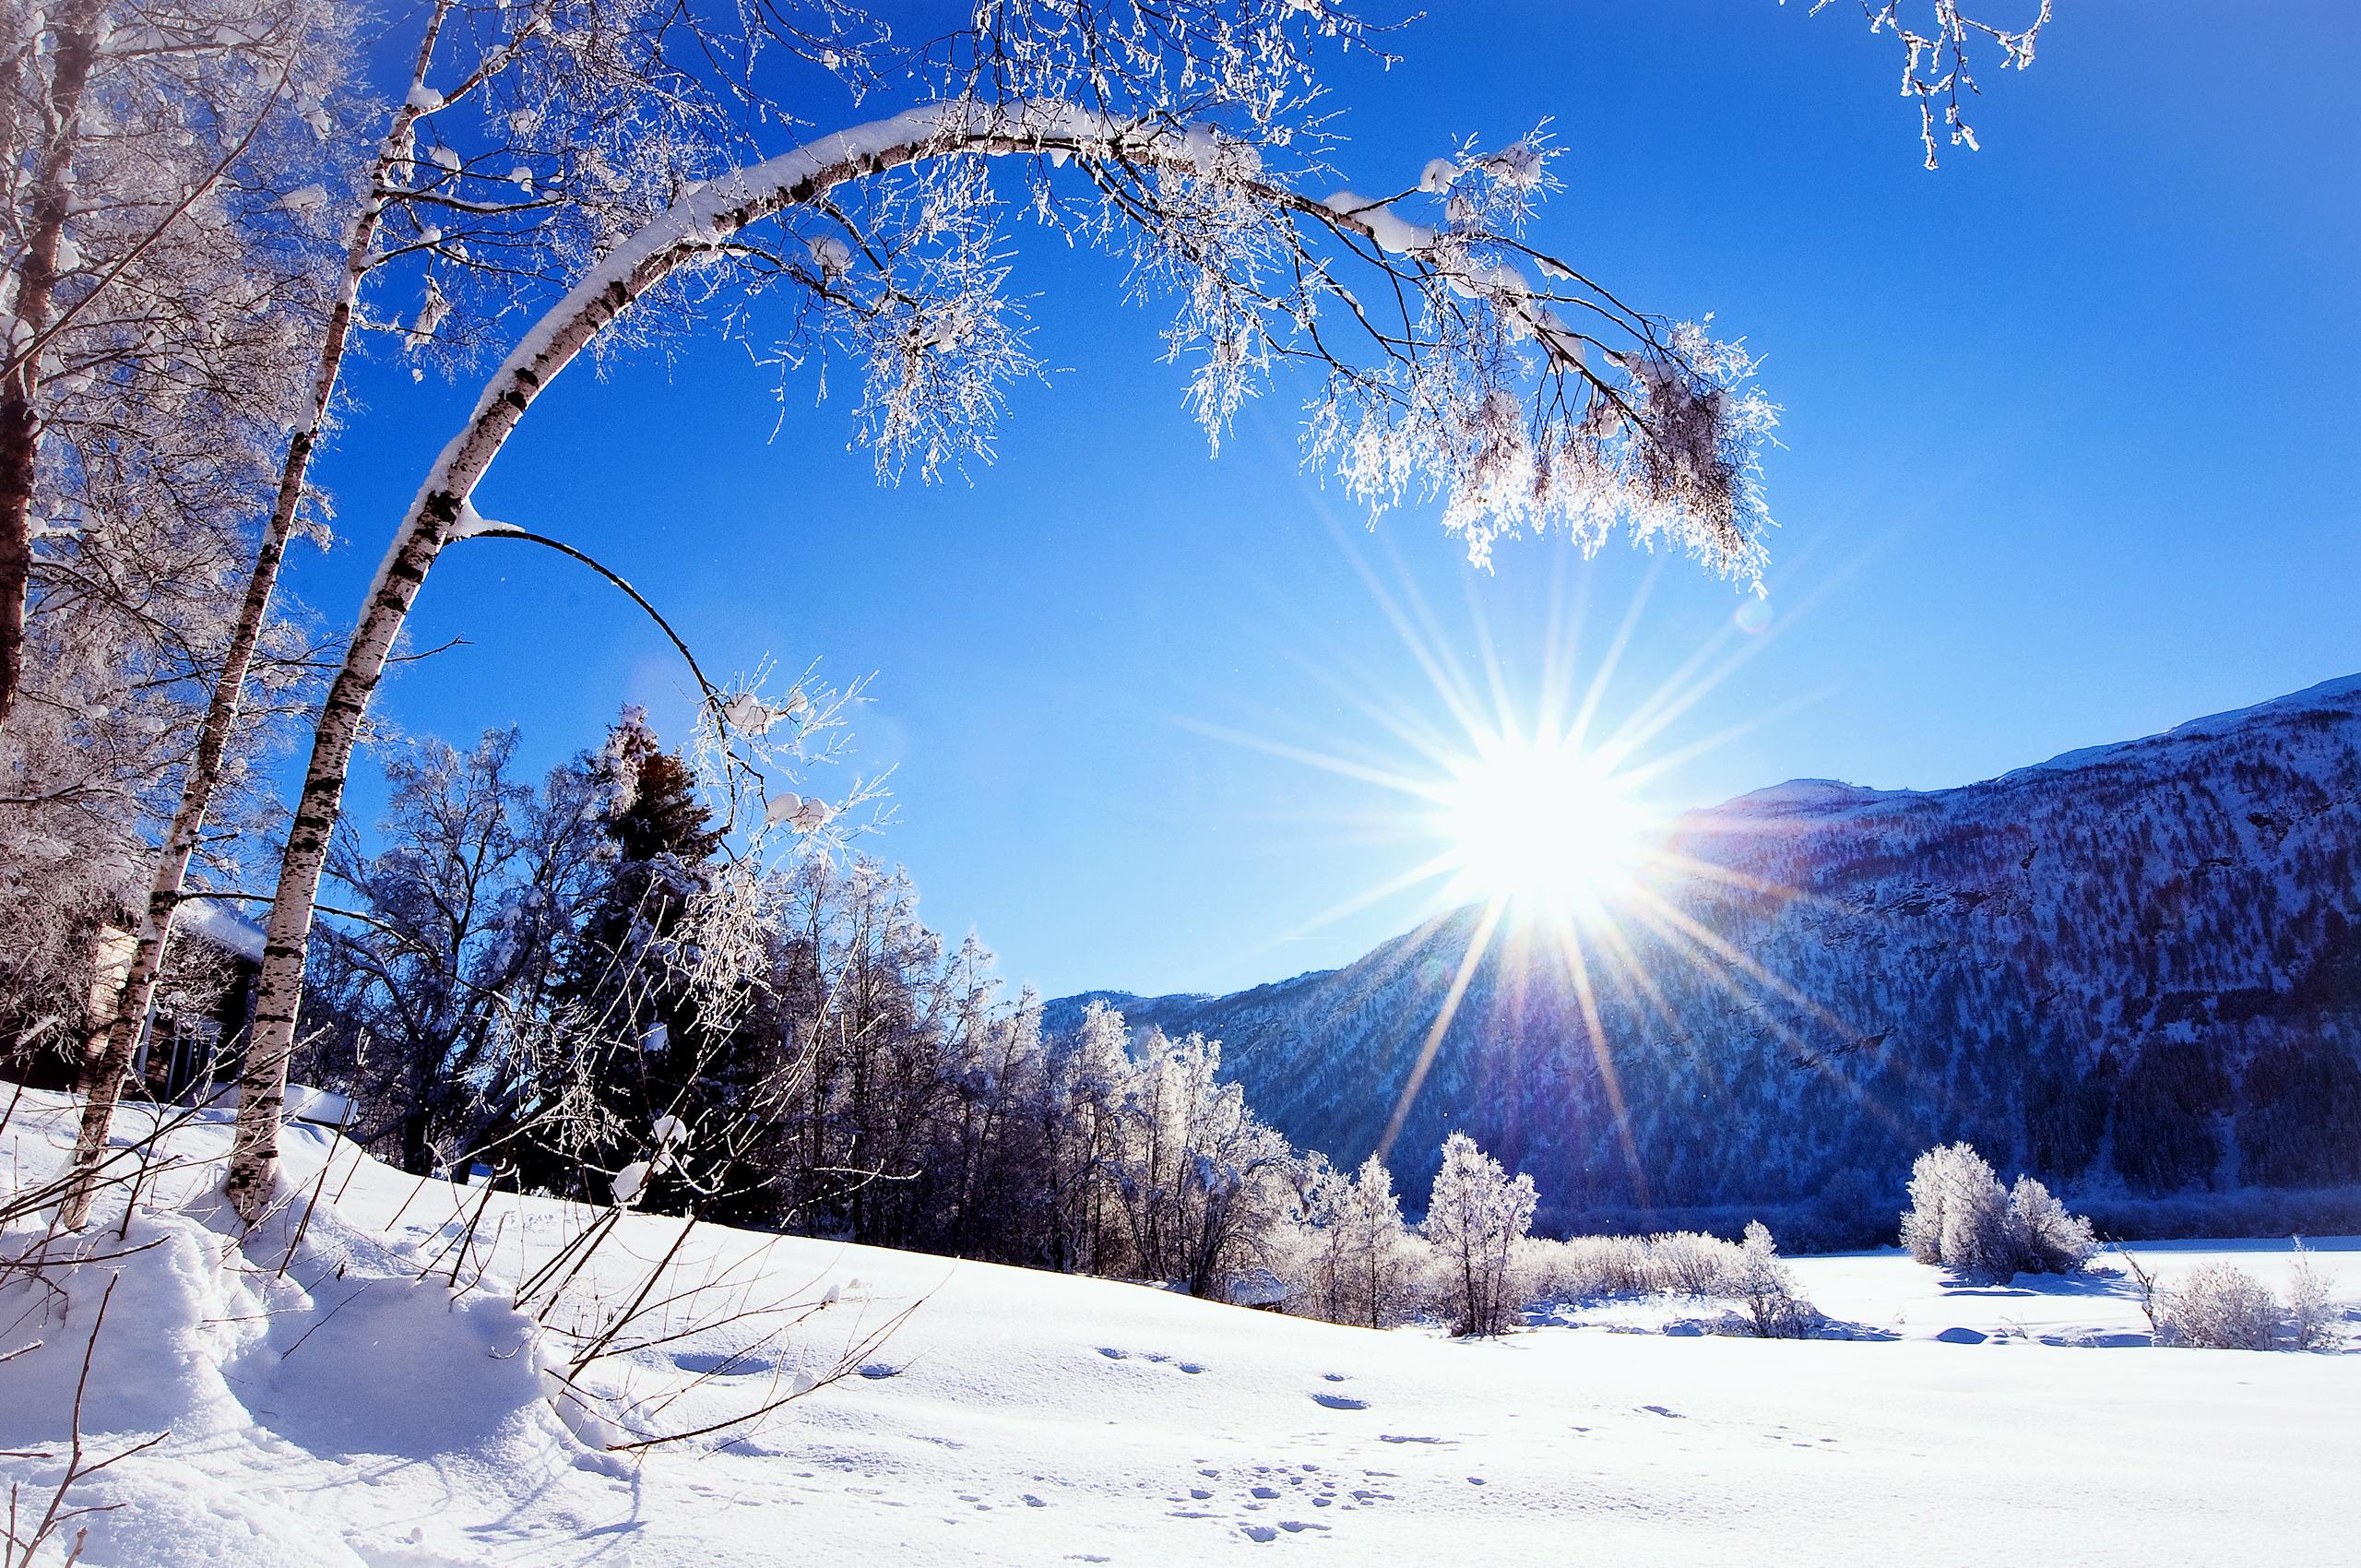 Картинка зимний солнечный день